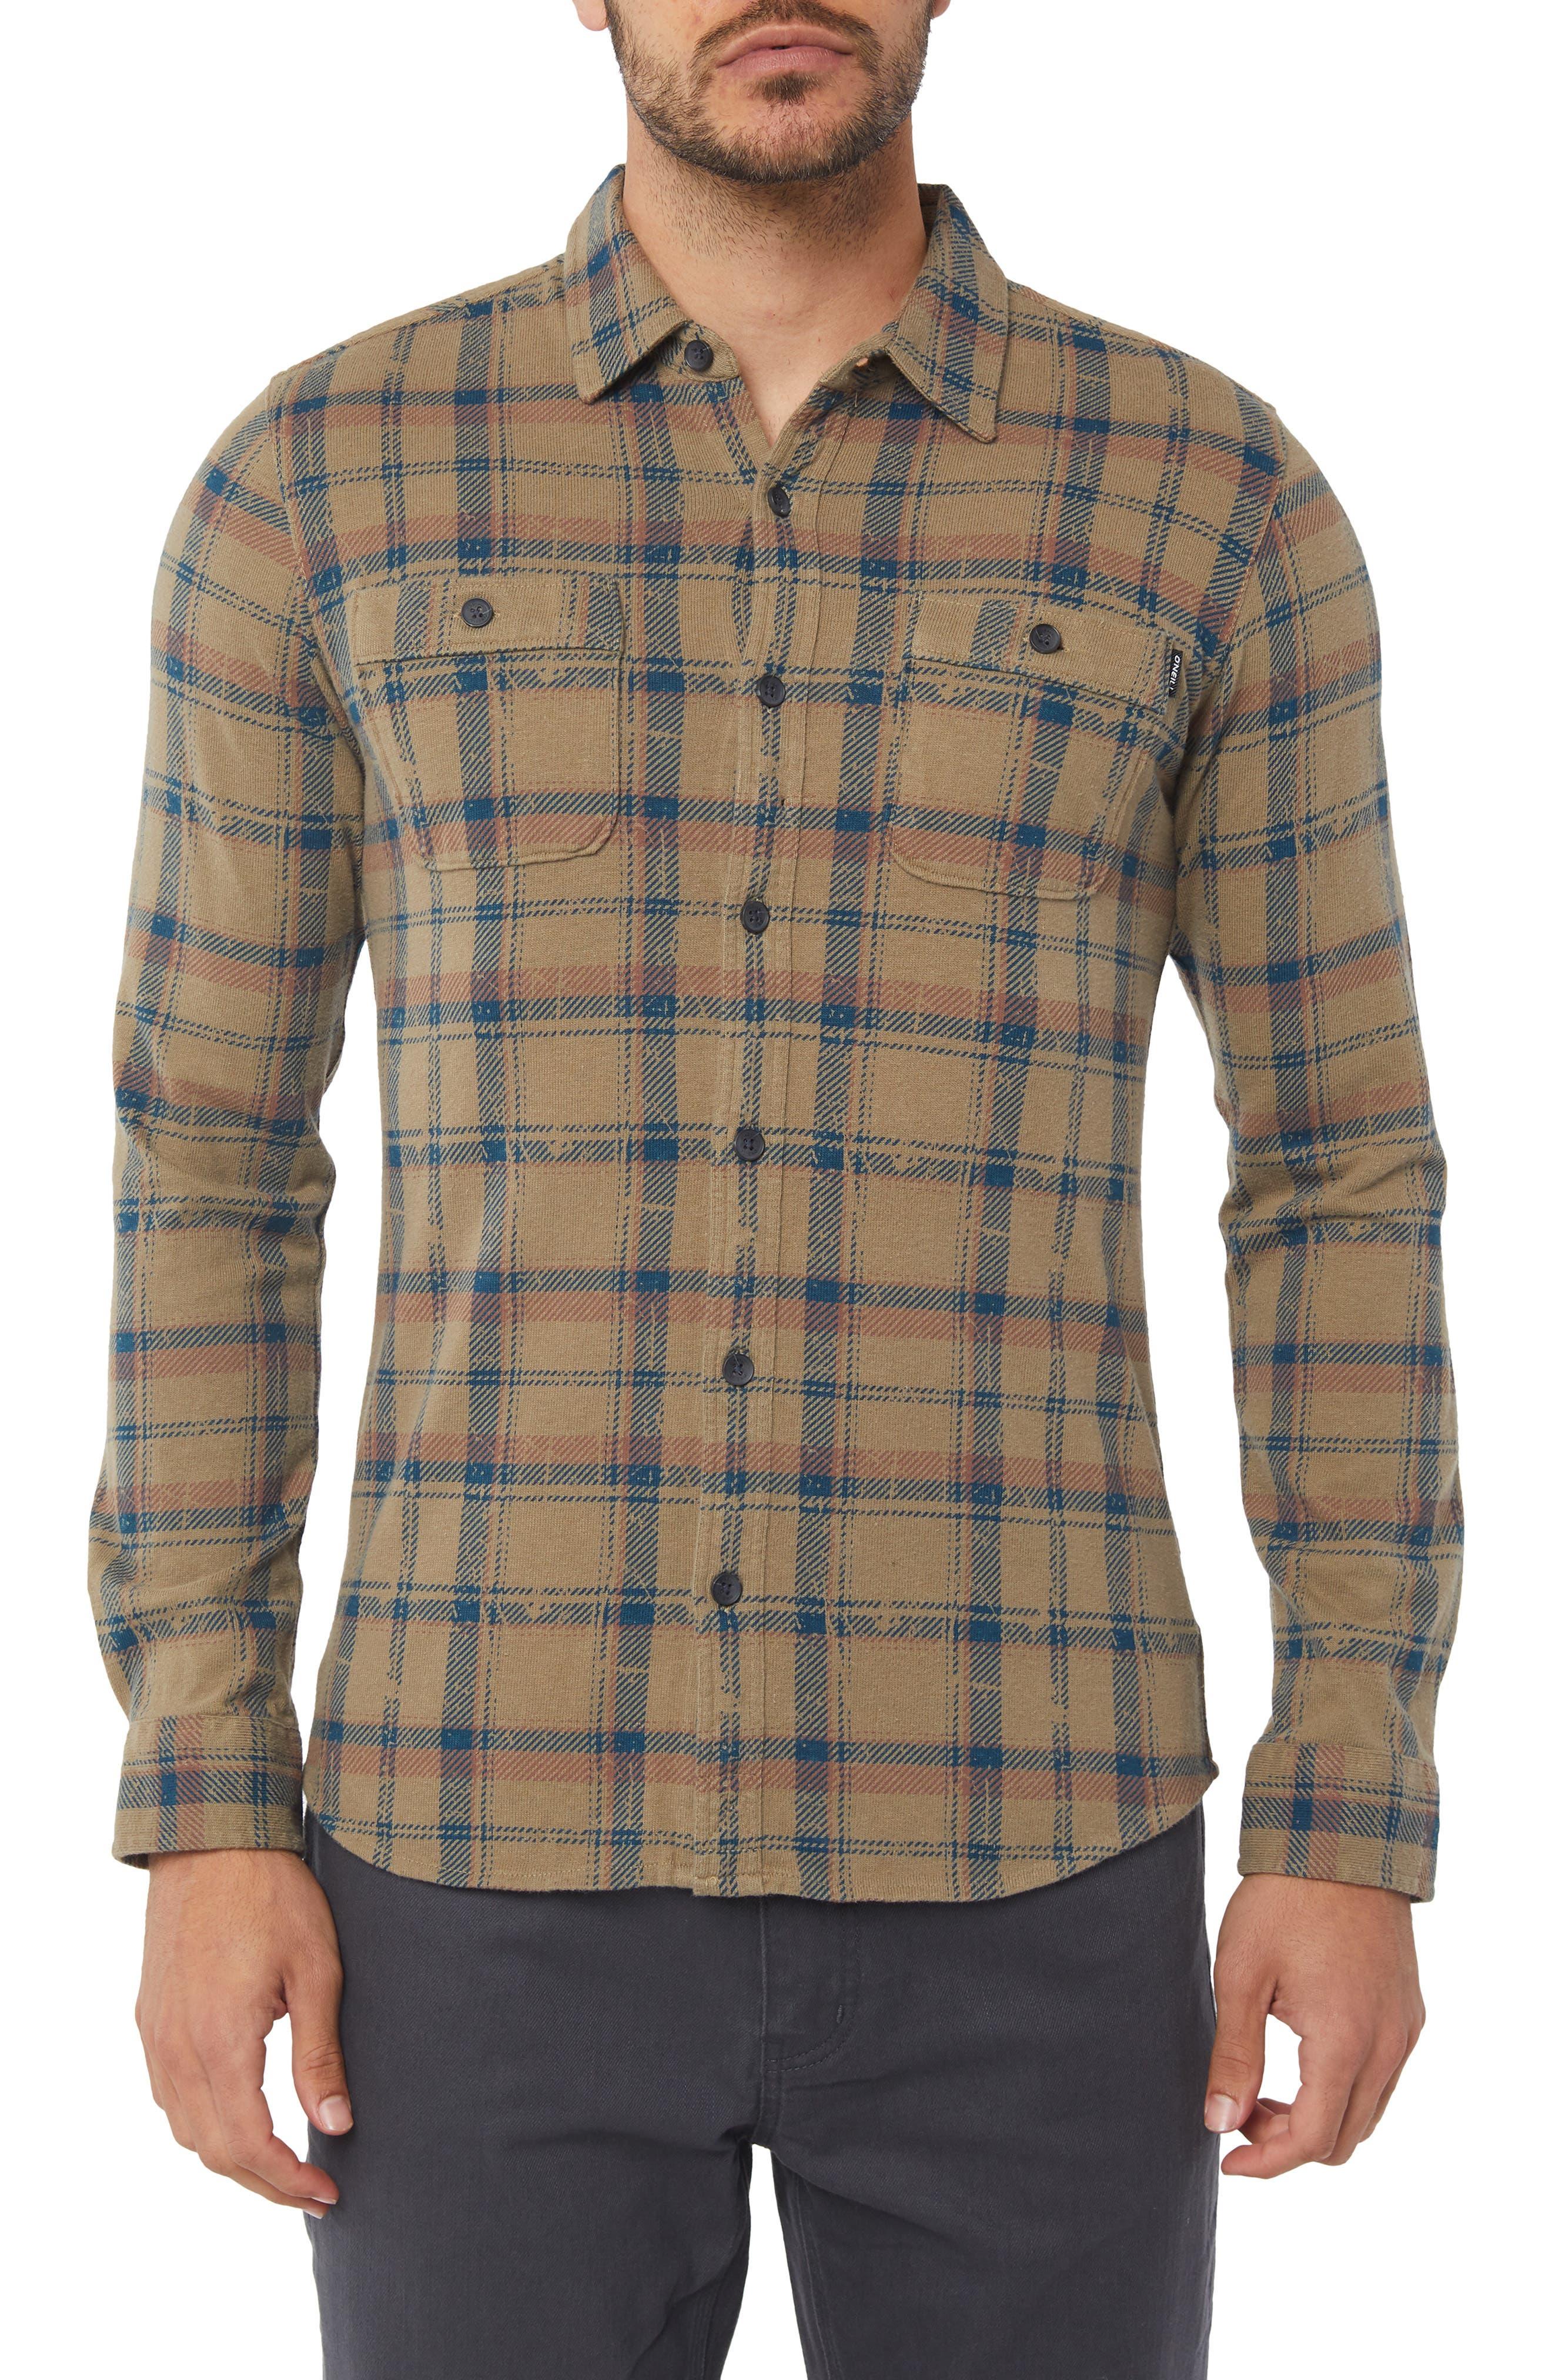 Fisher Plaid Knit Shirt,                             Main thumbnail 1, color,                             KHAKI